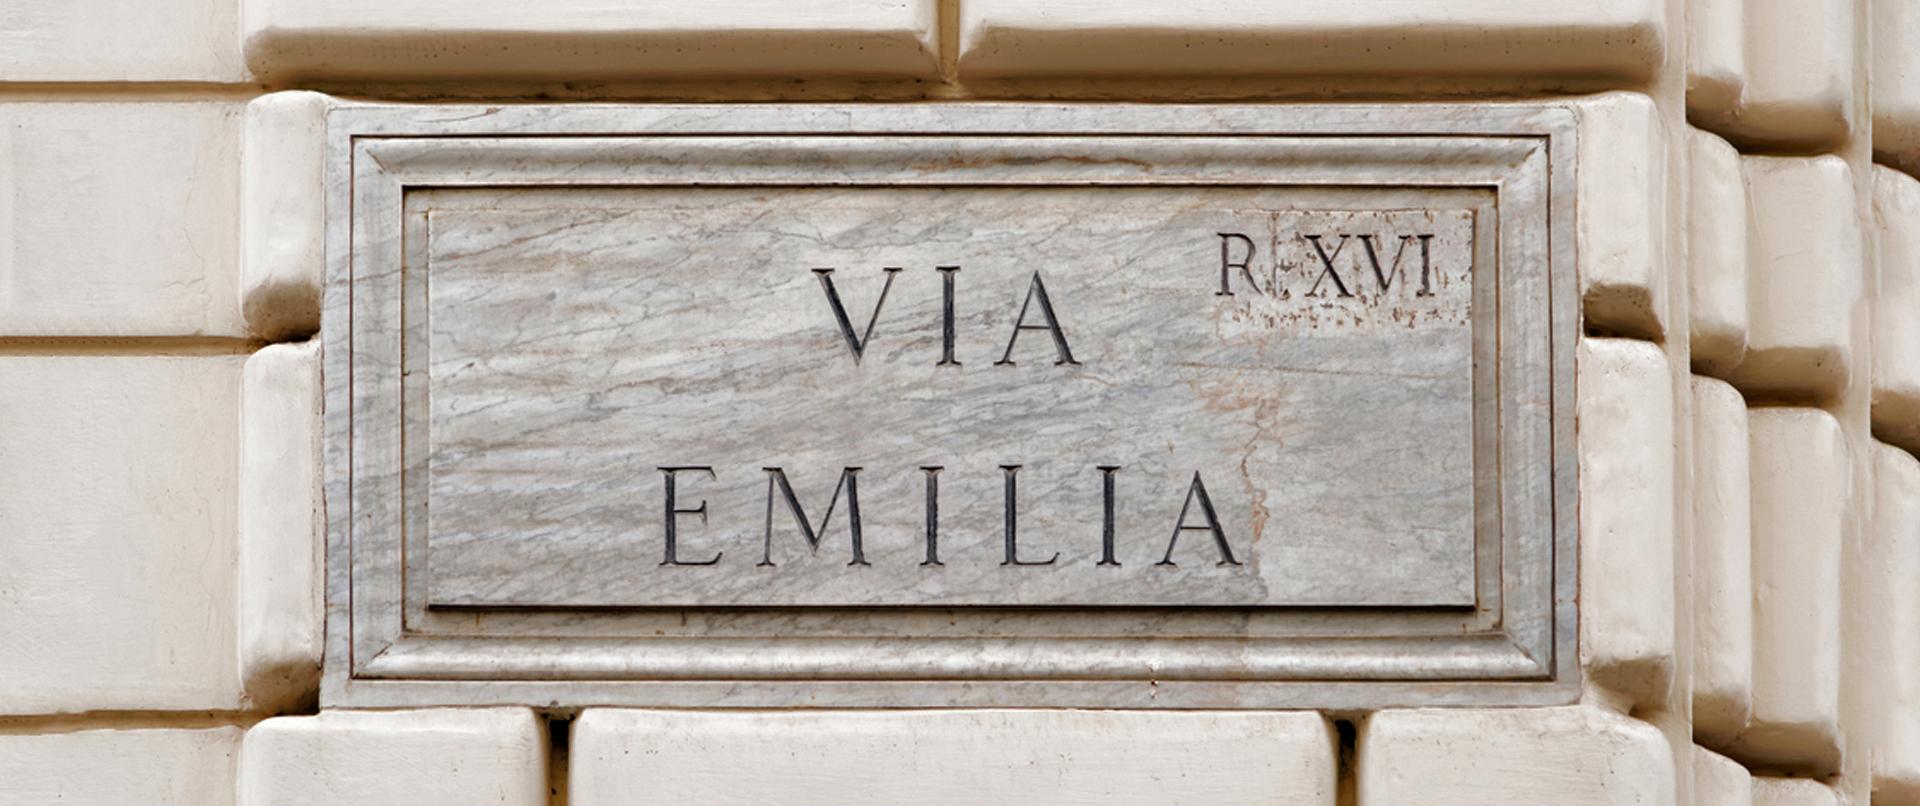 La Via Emilia. Storia e origini di una Regione in 10 punti